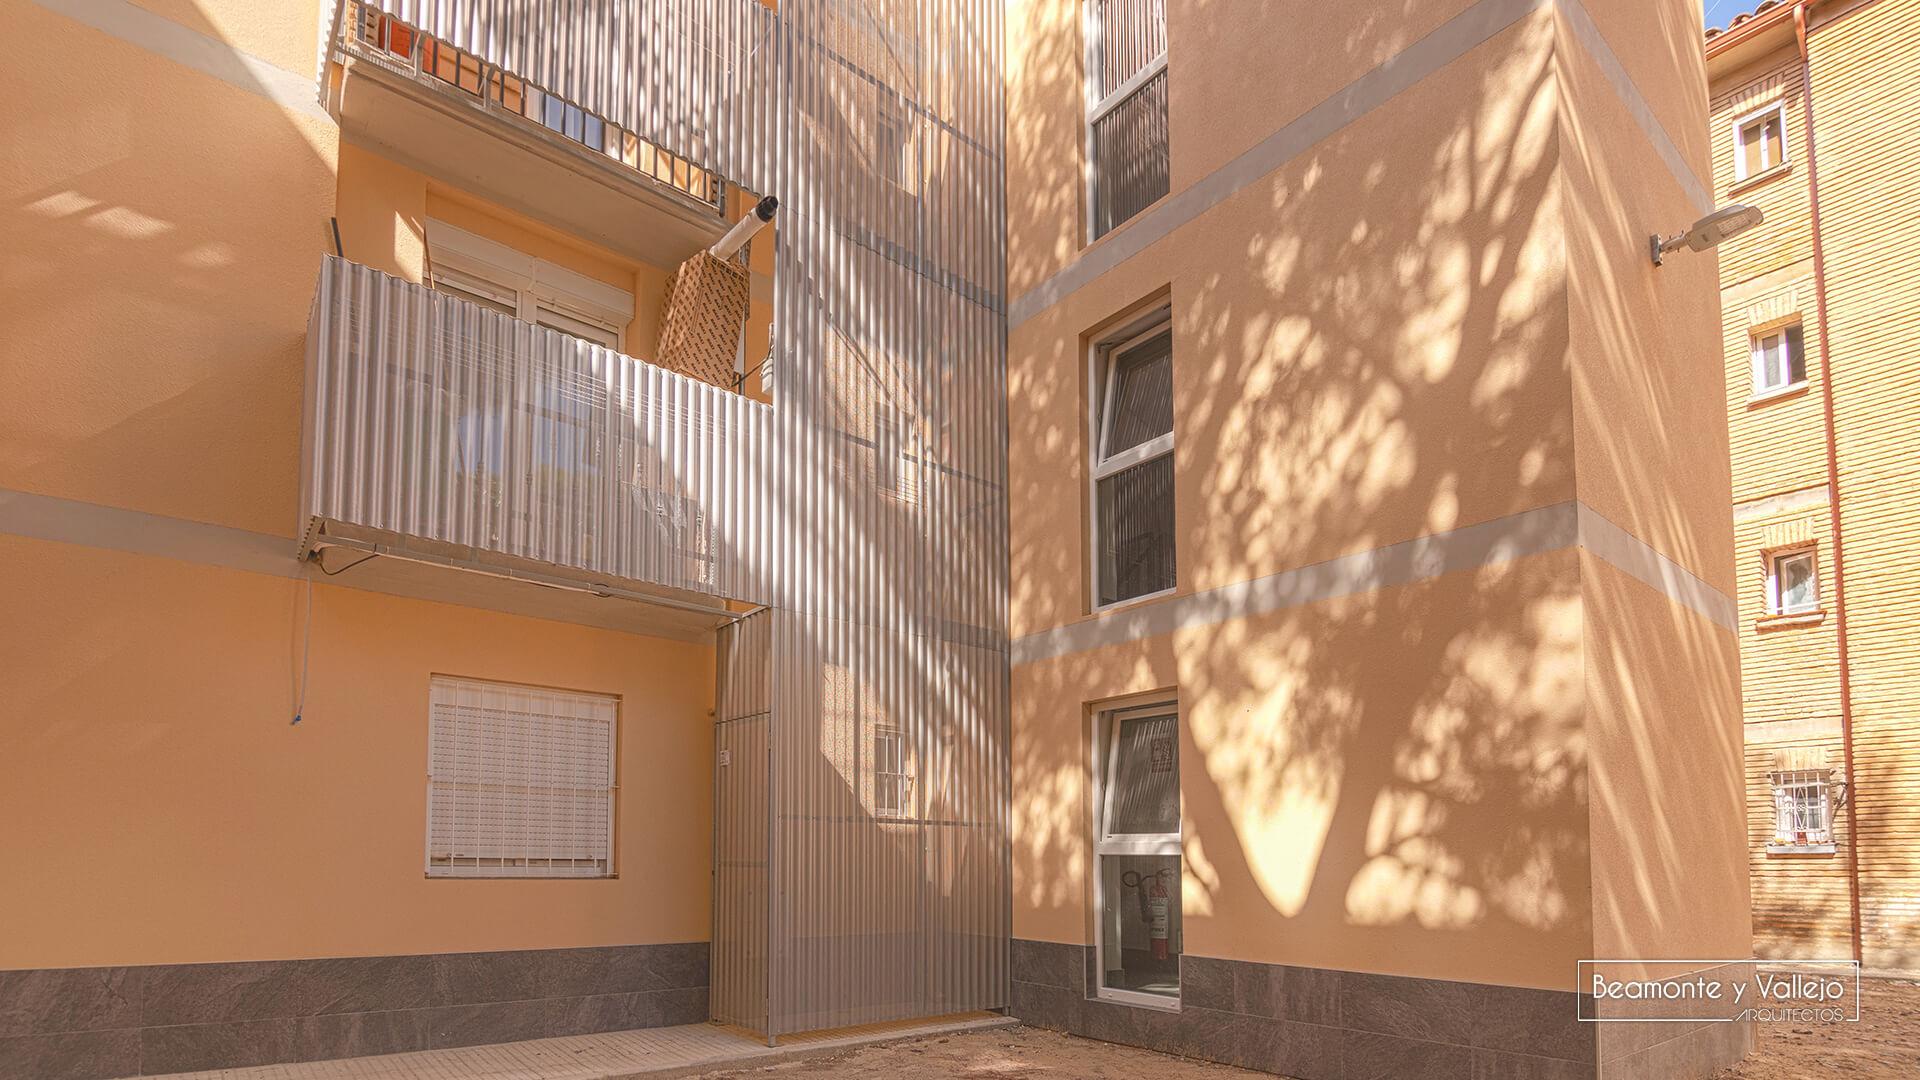 Beamonte y Vallejo arquitectos - Rehabilitación energética valle de pineta - 15